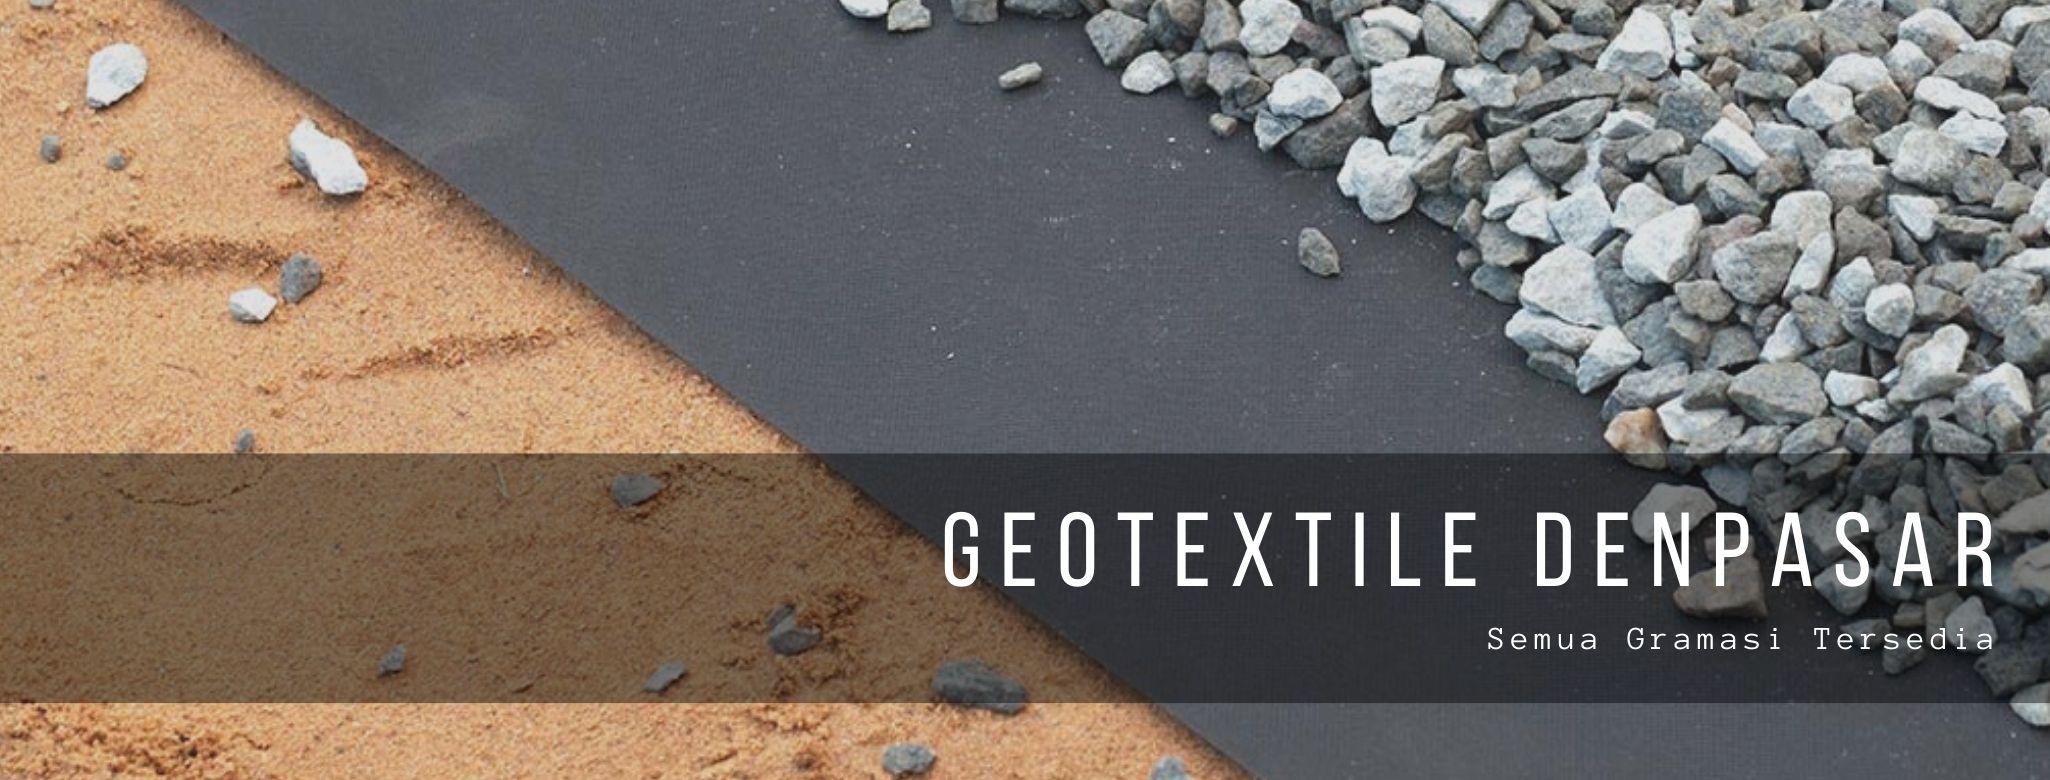 Geotextile Denpasar, Semua Gramasi Tersedia